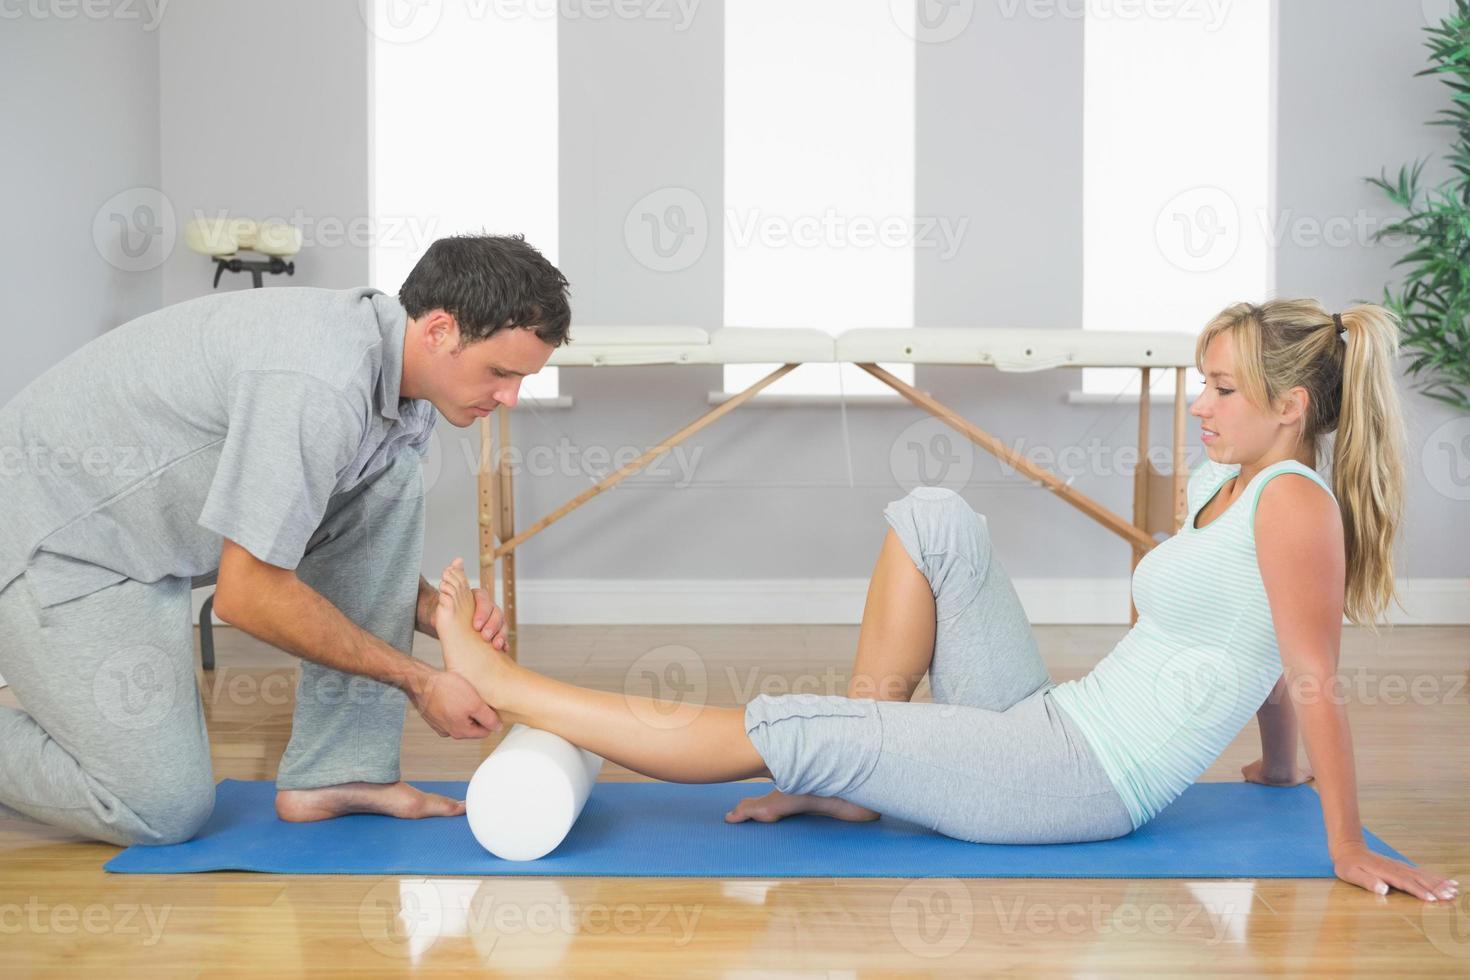 fysioterapeut som undersöker patientens fot medan man sitter på golvet foto